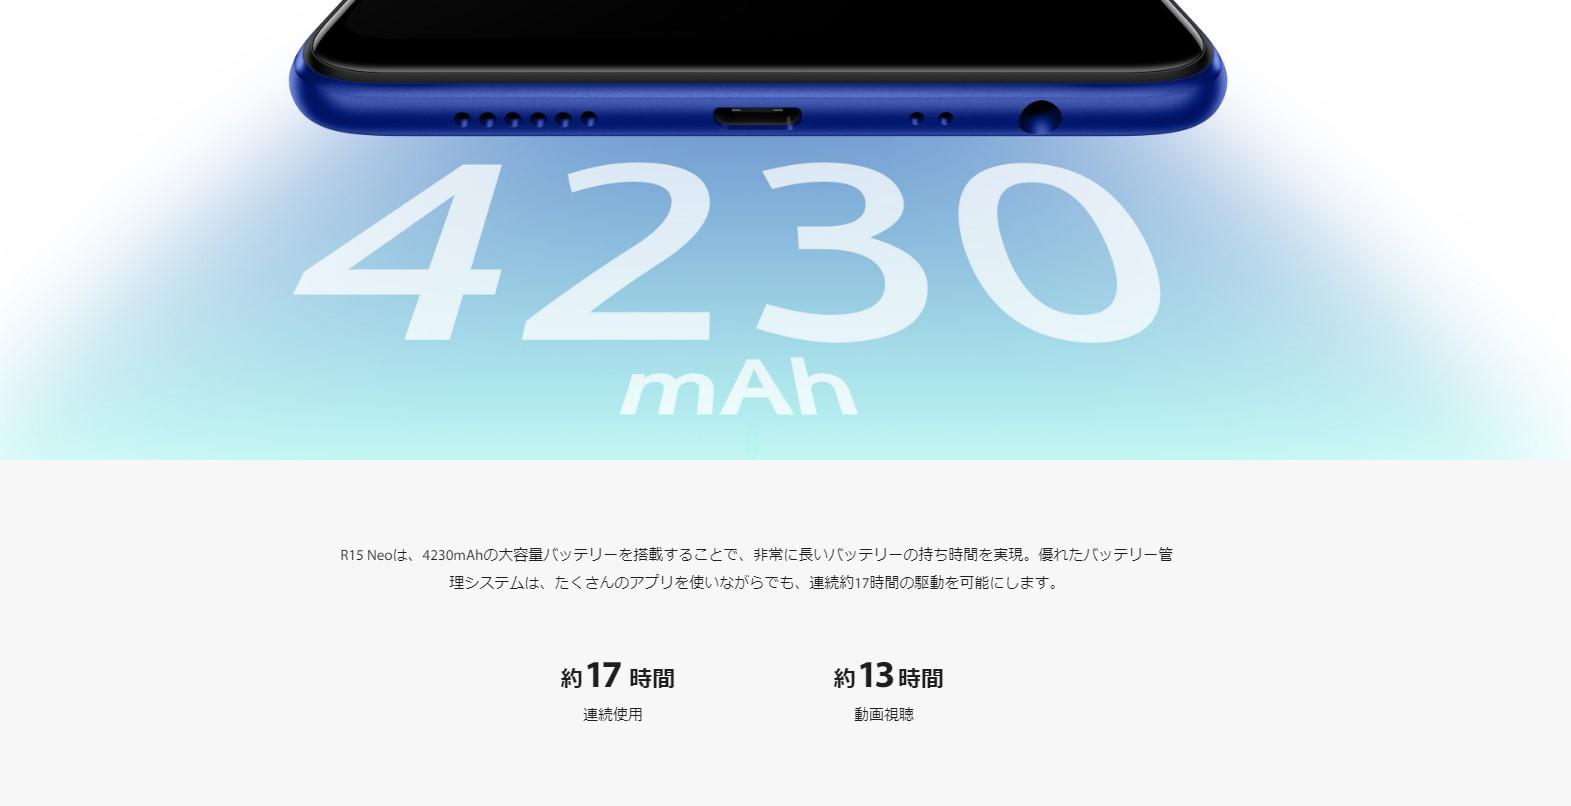 R15Neoのバッテリー容量